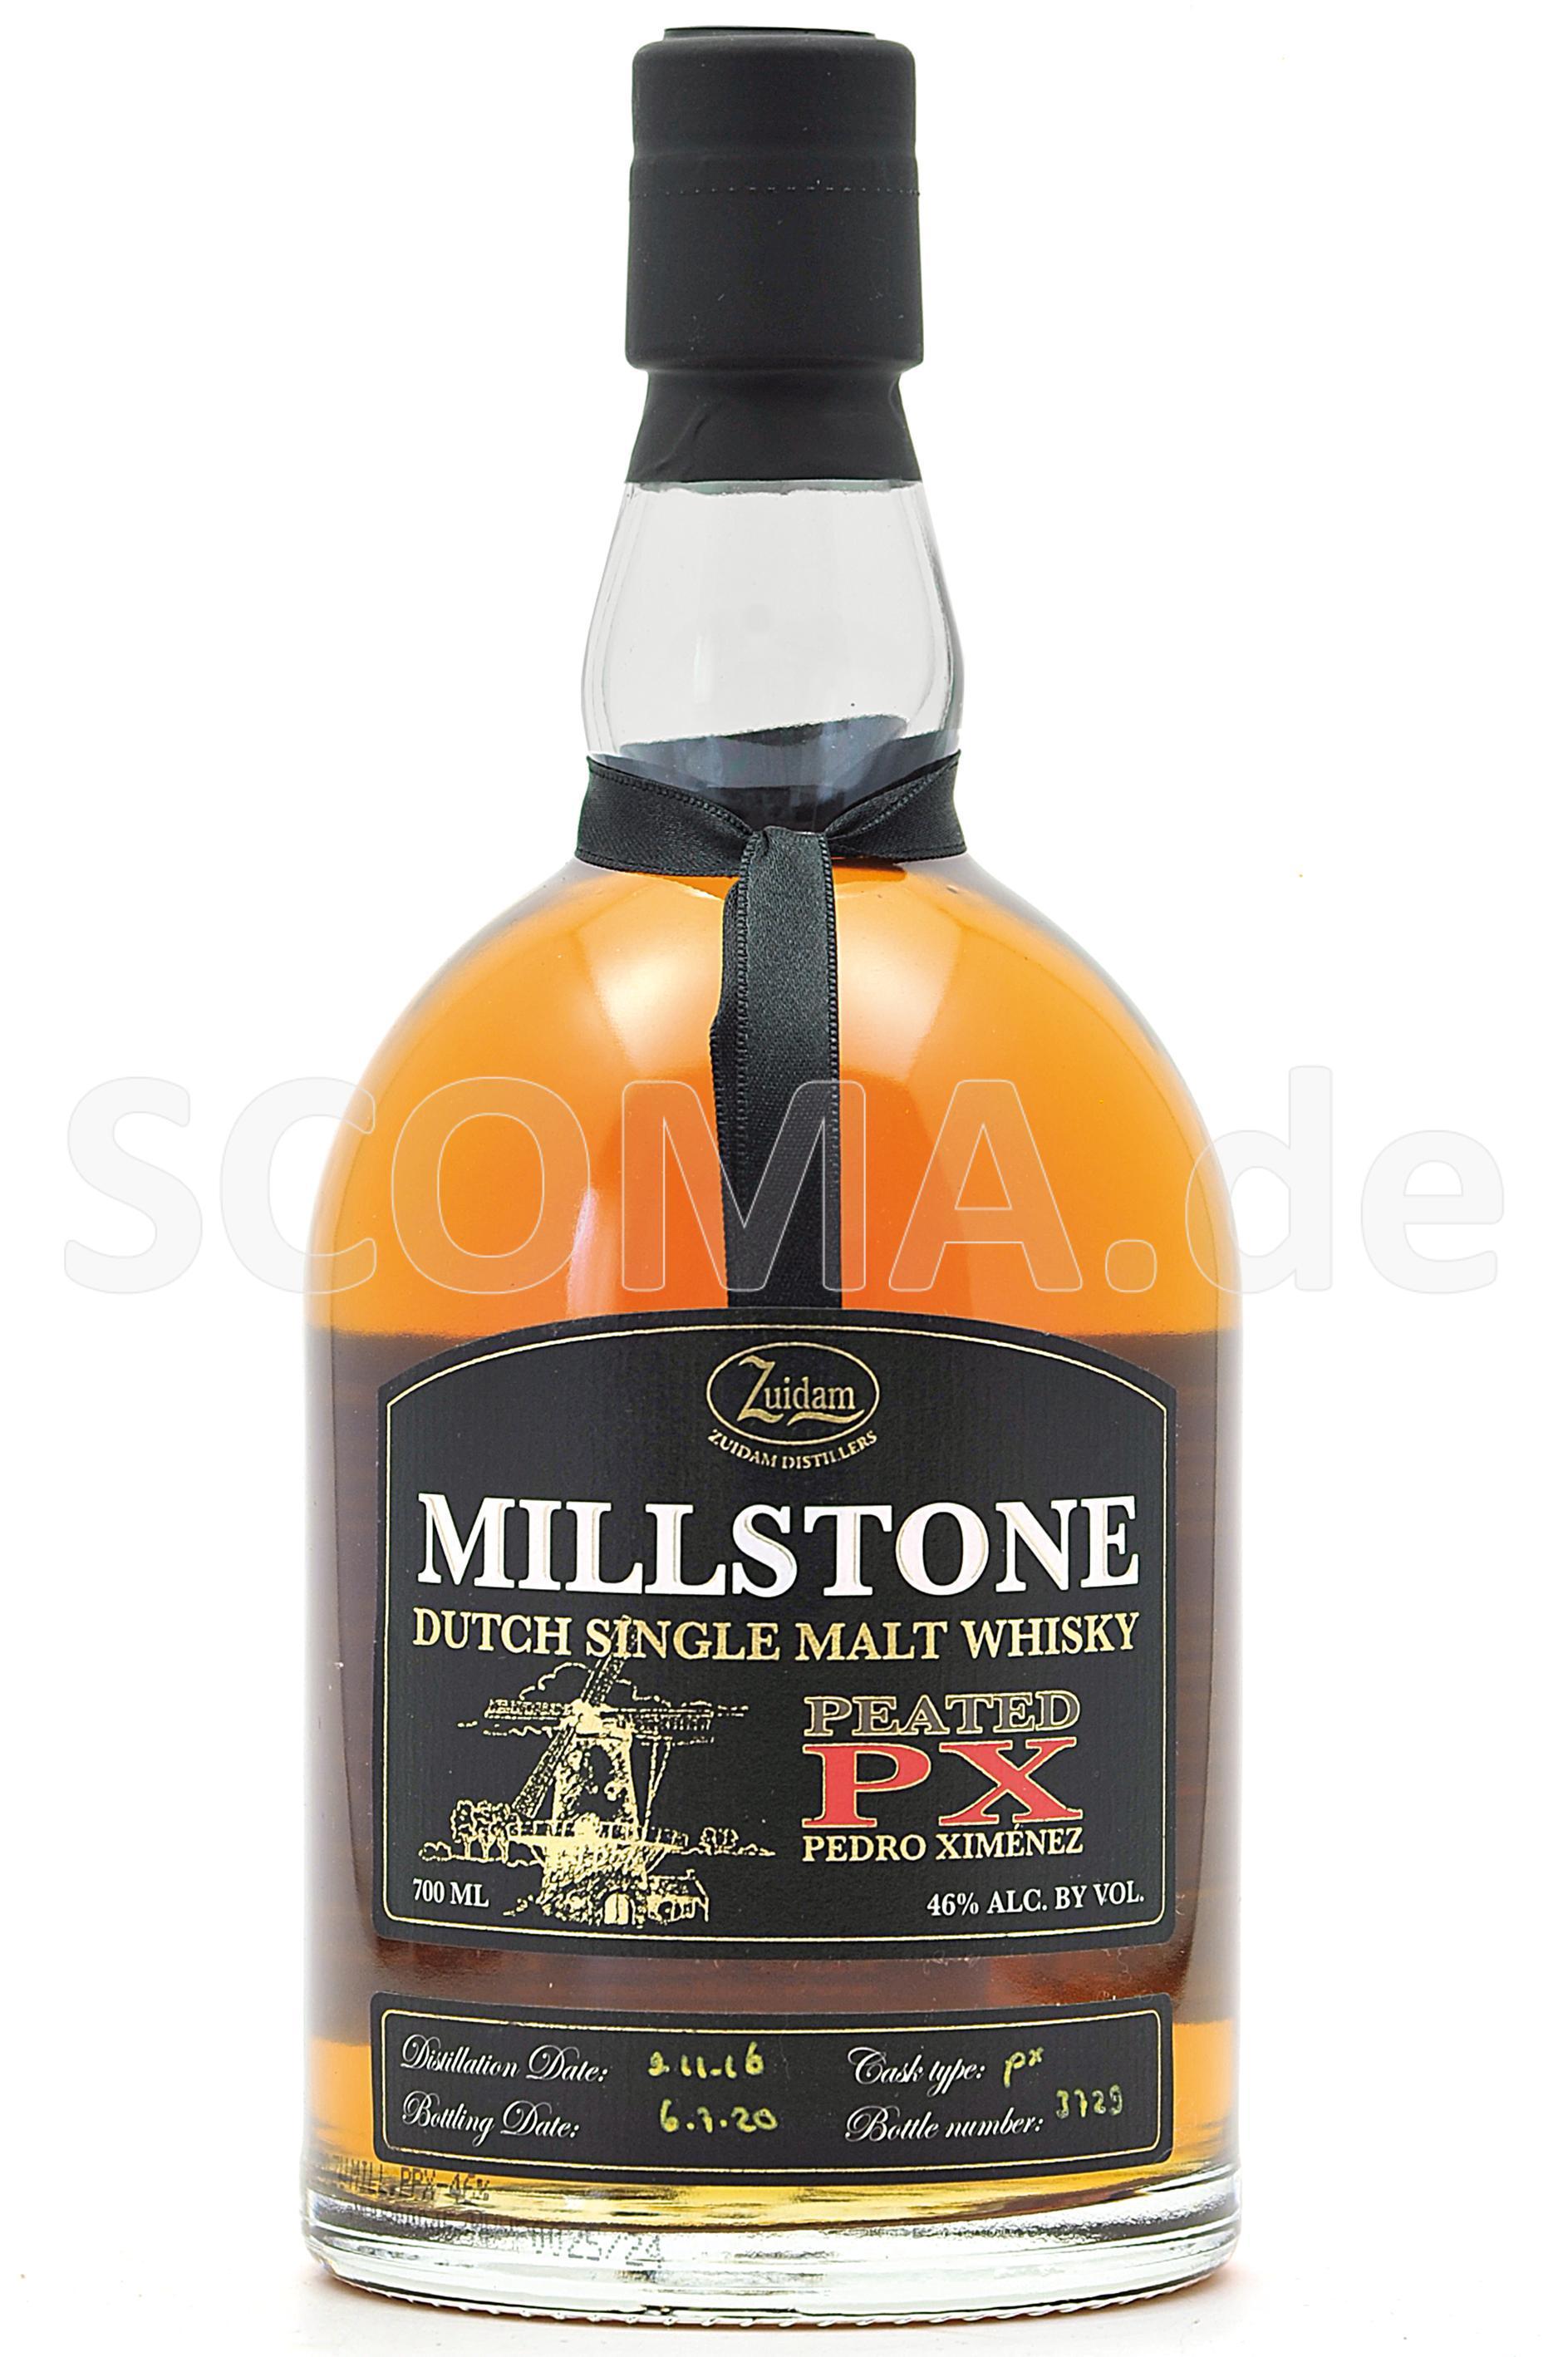 Millstone Peated Pedro Ximenez...